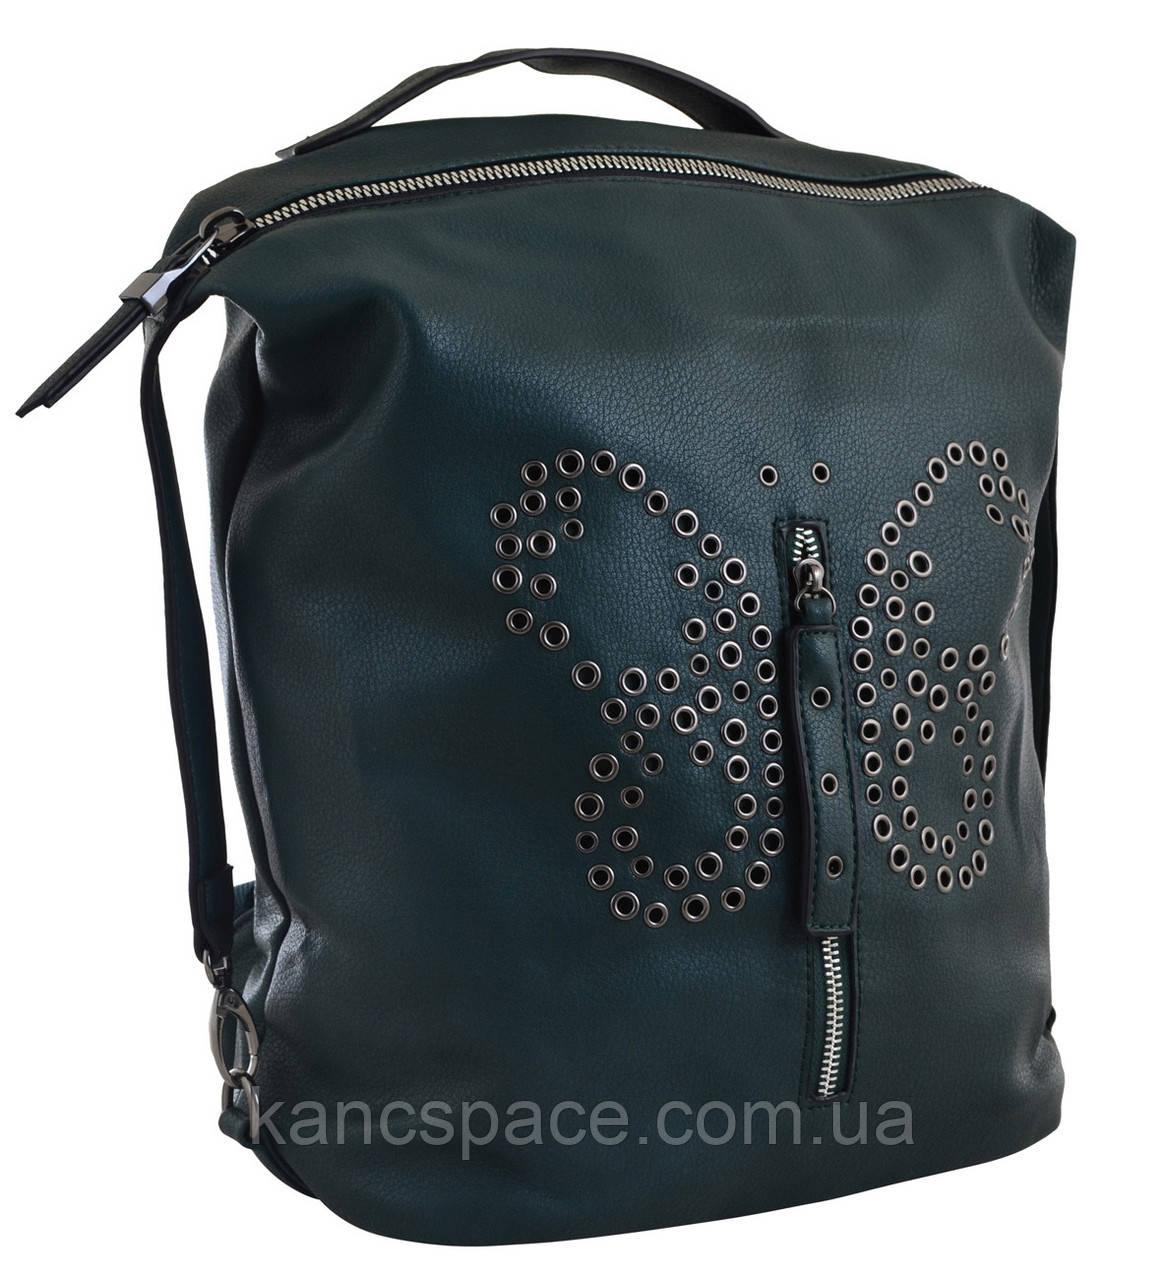 Рюкзак жіночий YW-17,  зелений